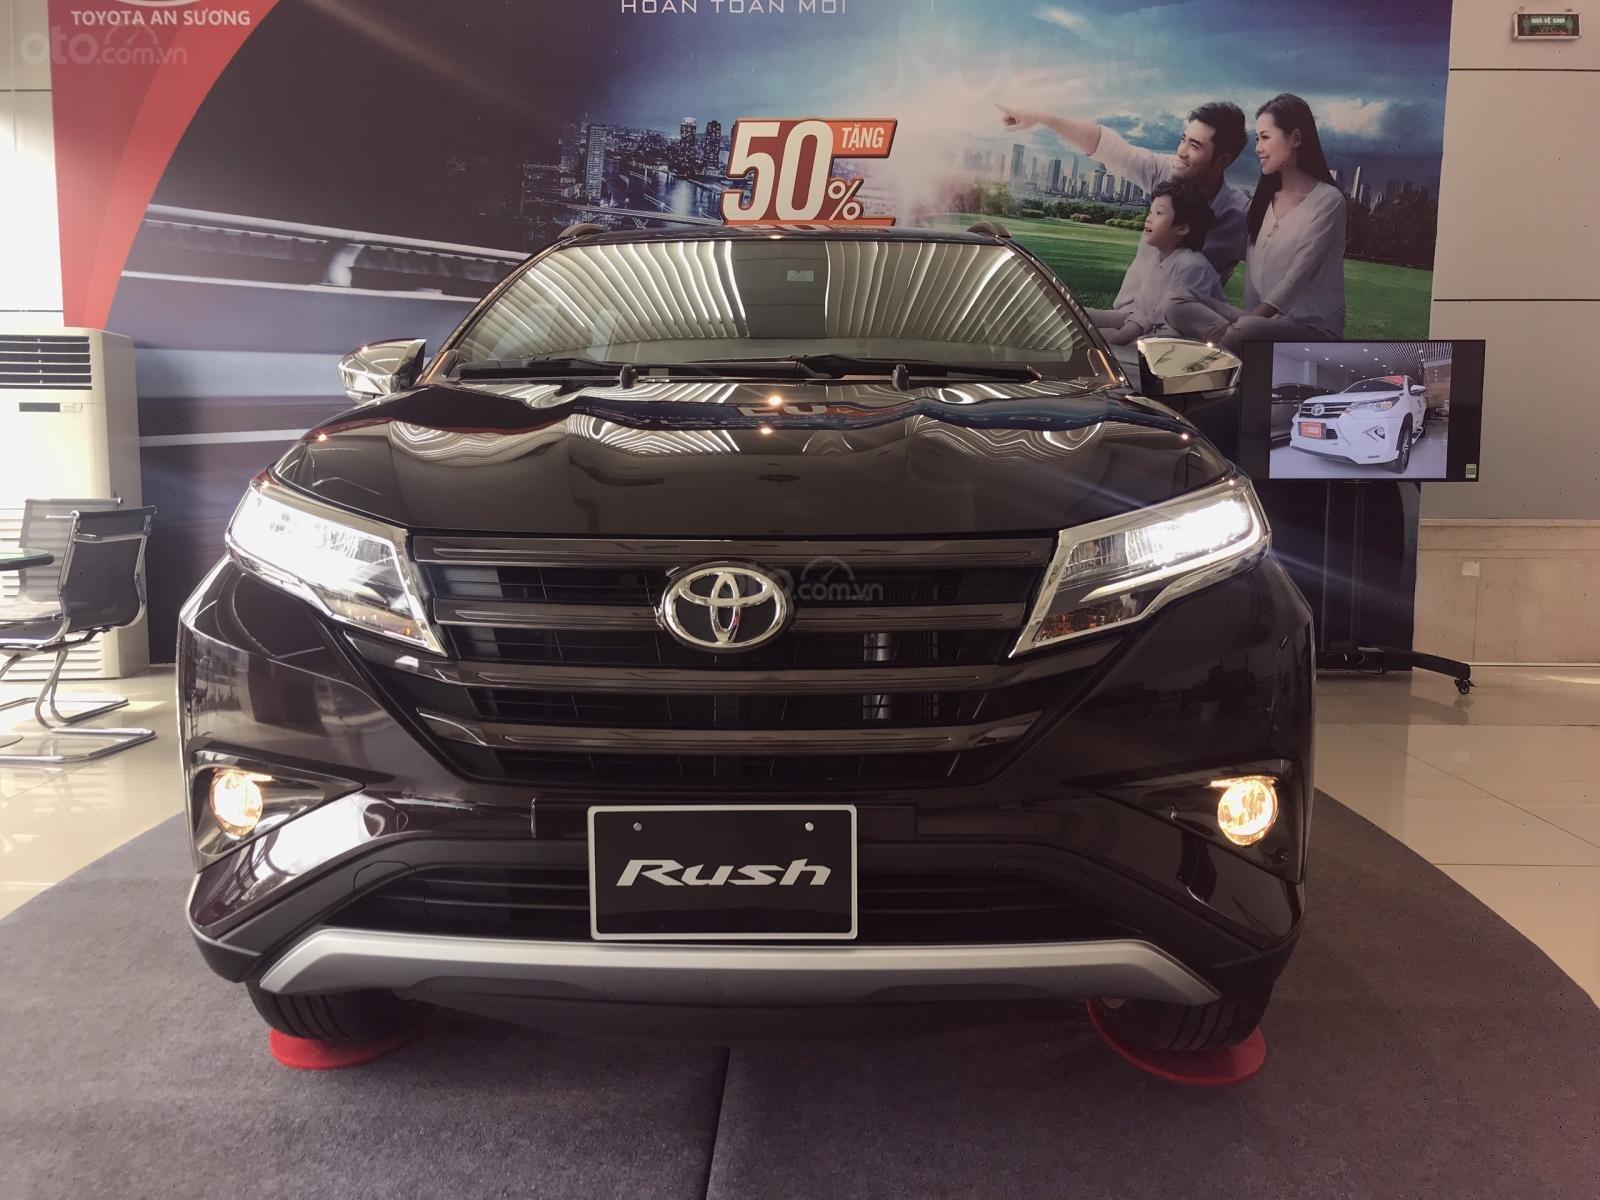 Toyota Rush nhập khẩu nguyên chiếc, khuyến mãi khủng tháng 9/2020, xe đủ màu giao ngay (4)